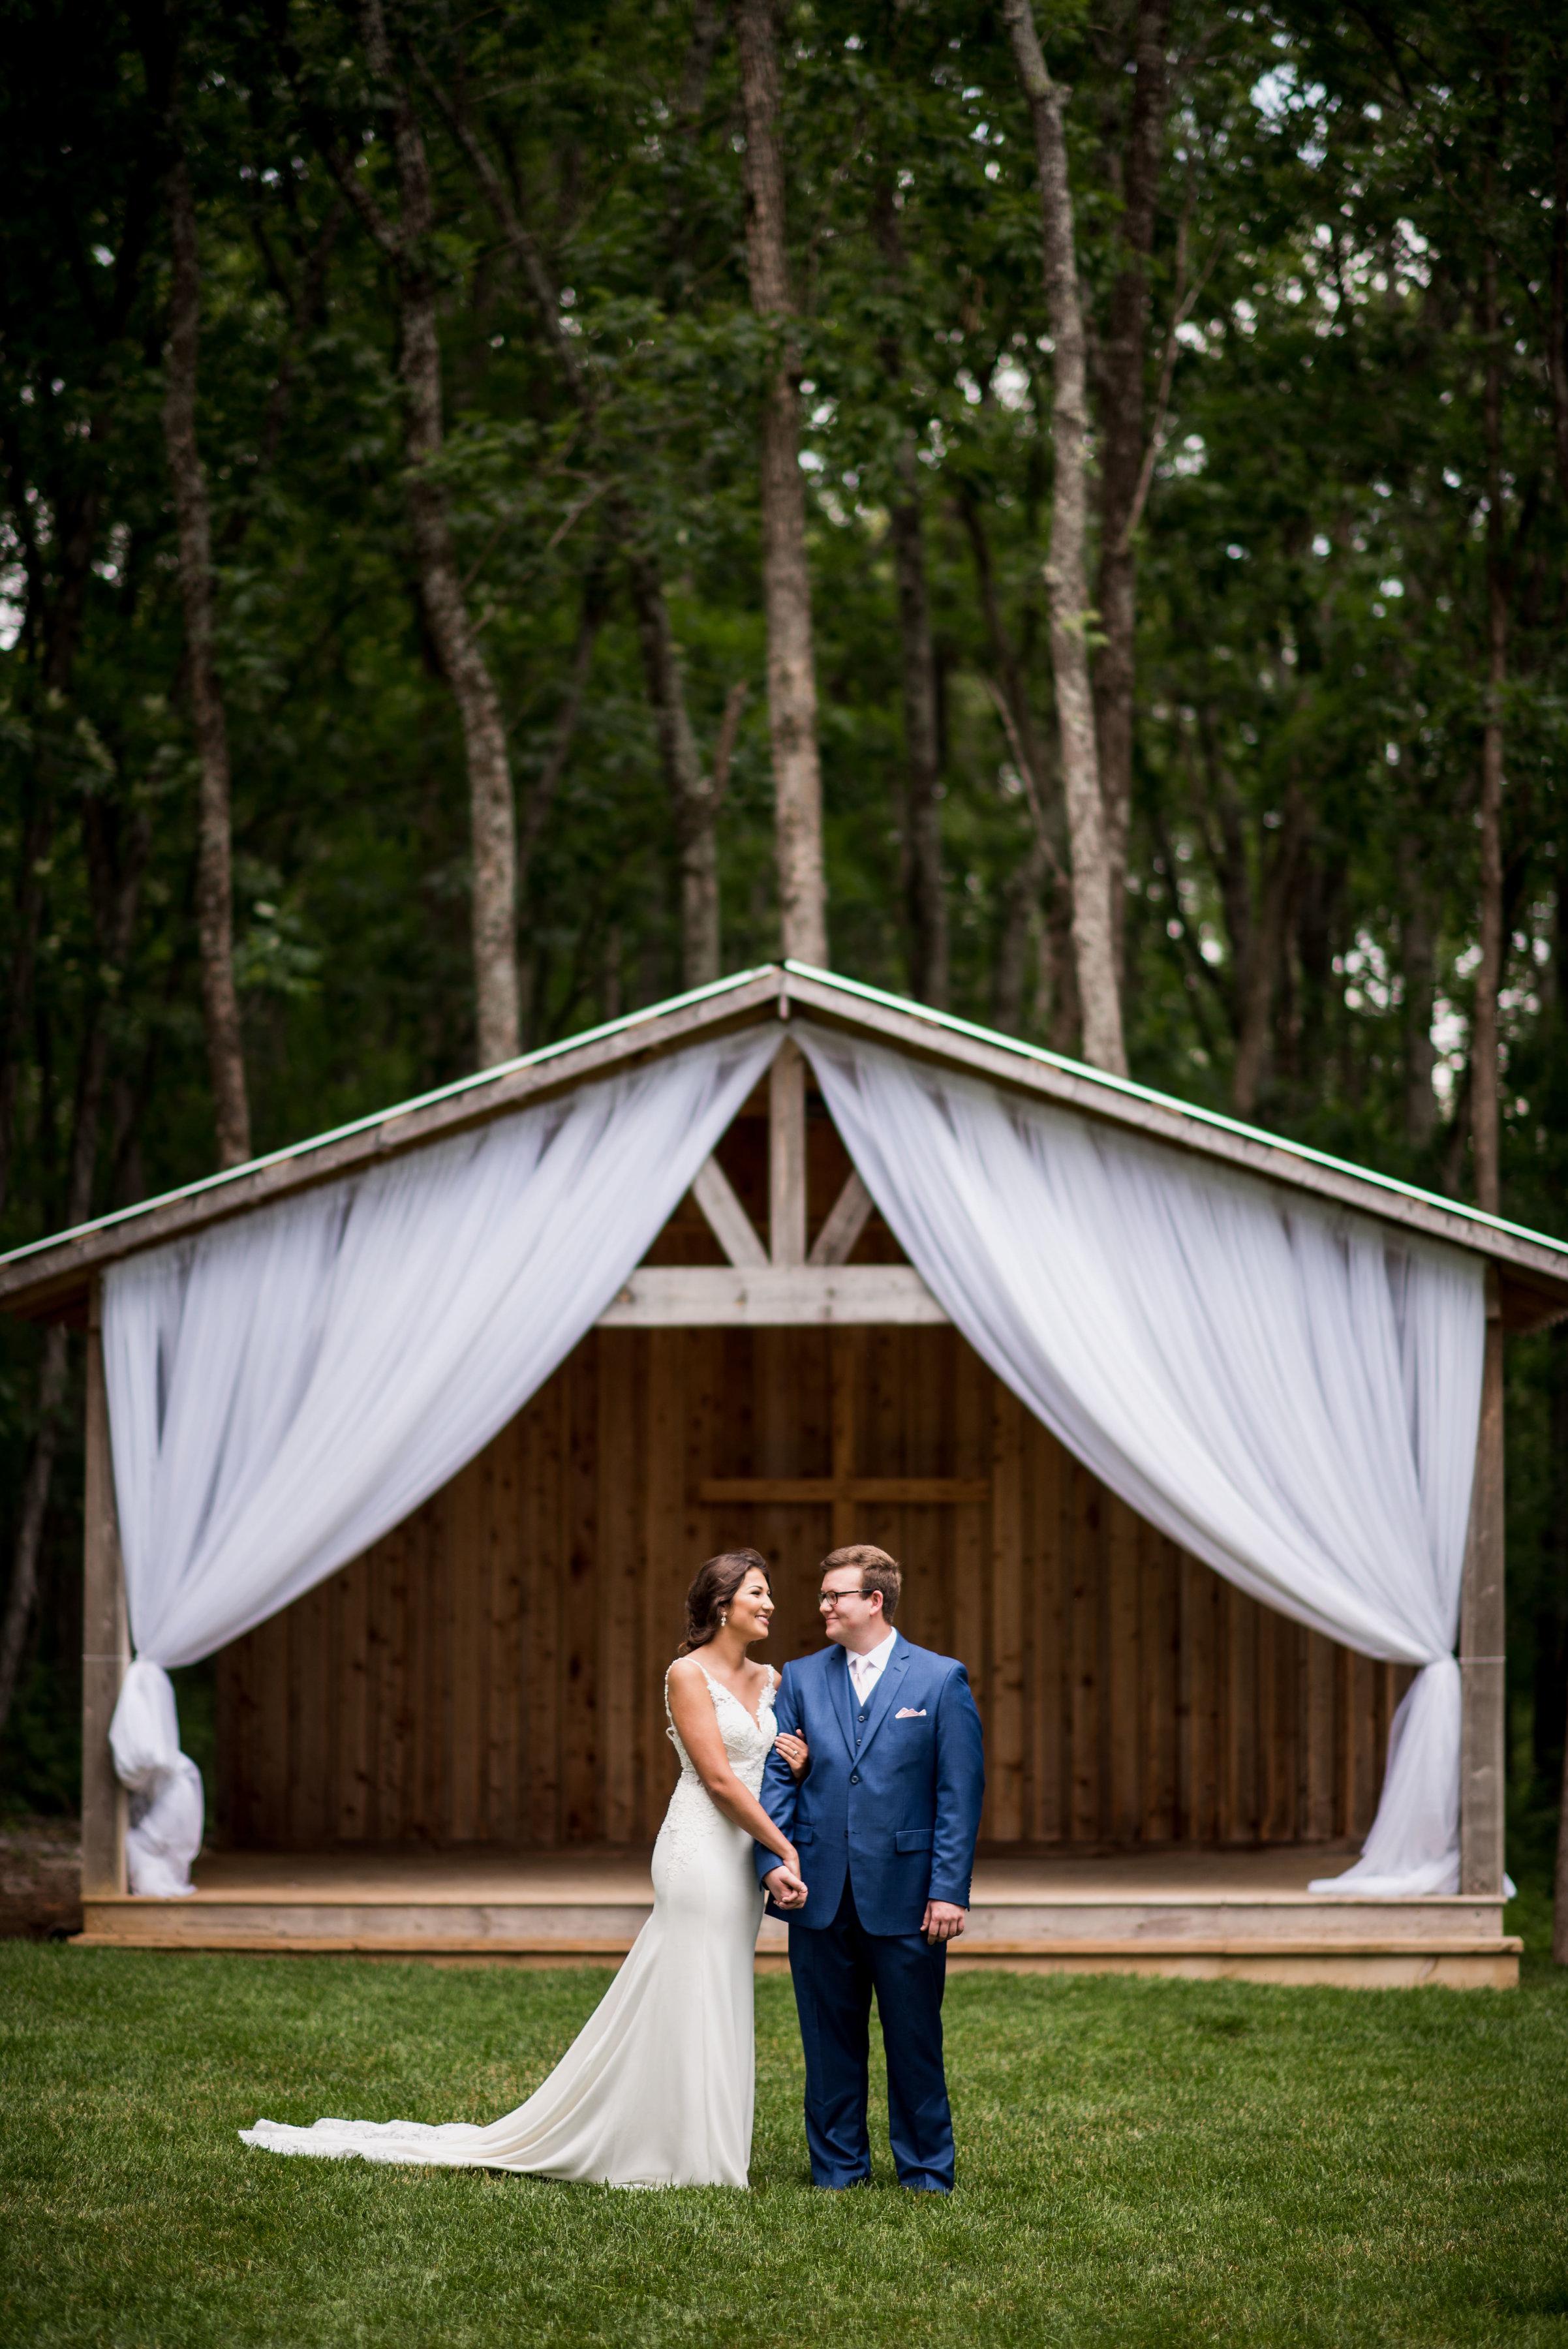 Saddlewood-Farms-Nashville-Wedding-Photographers-119.jpg